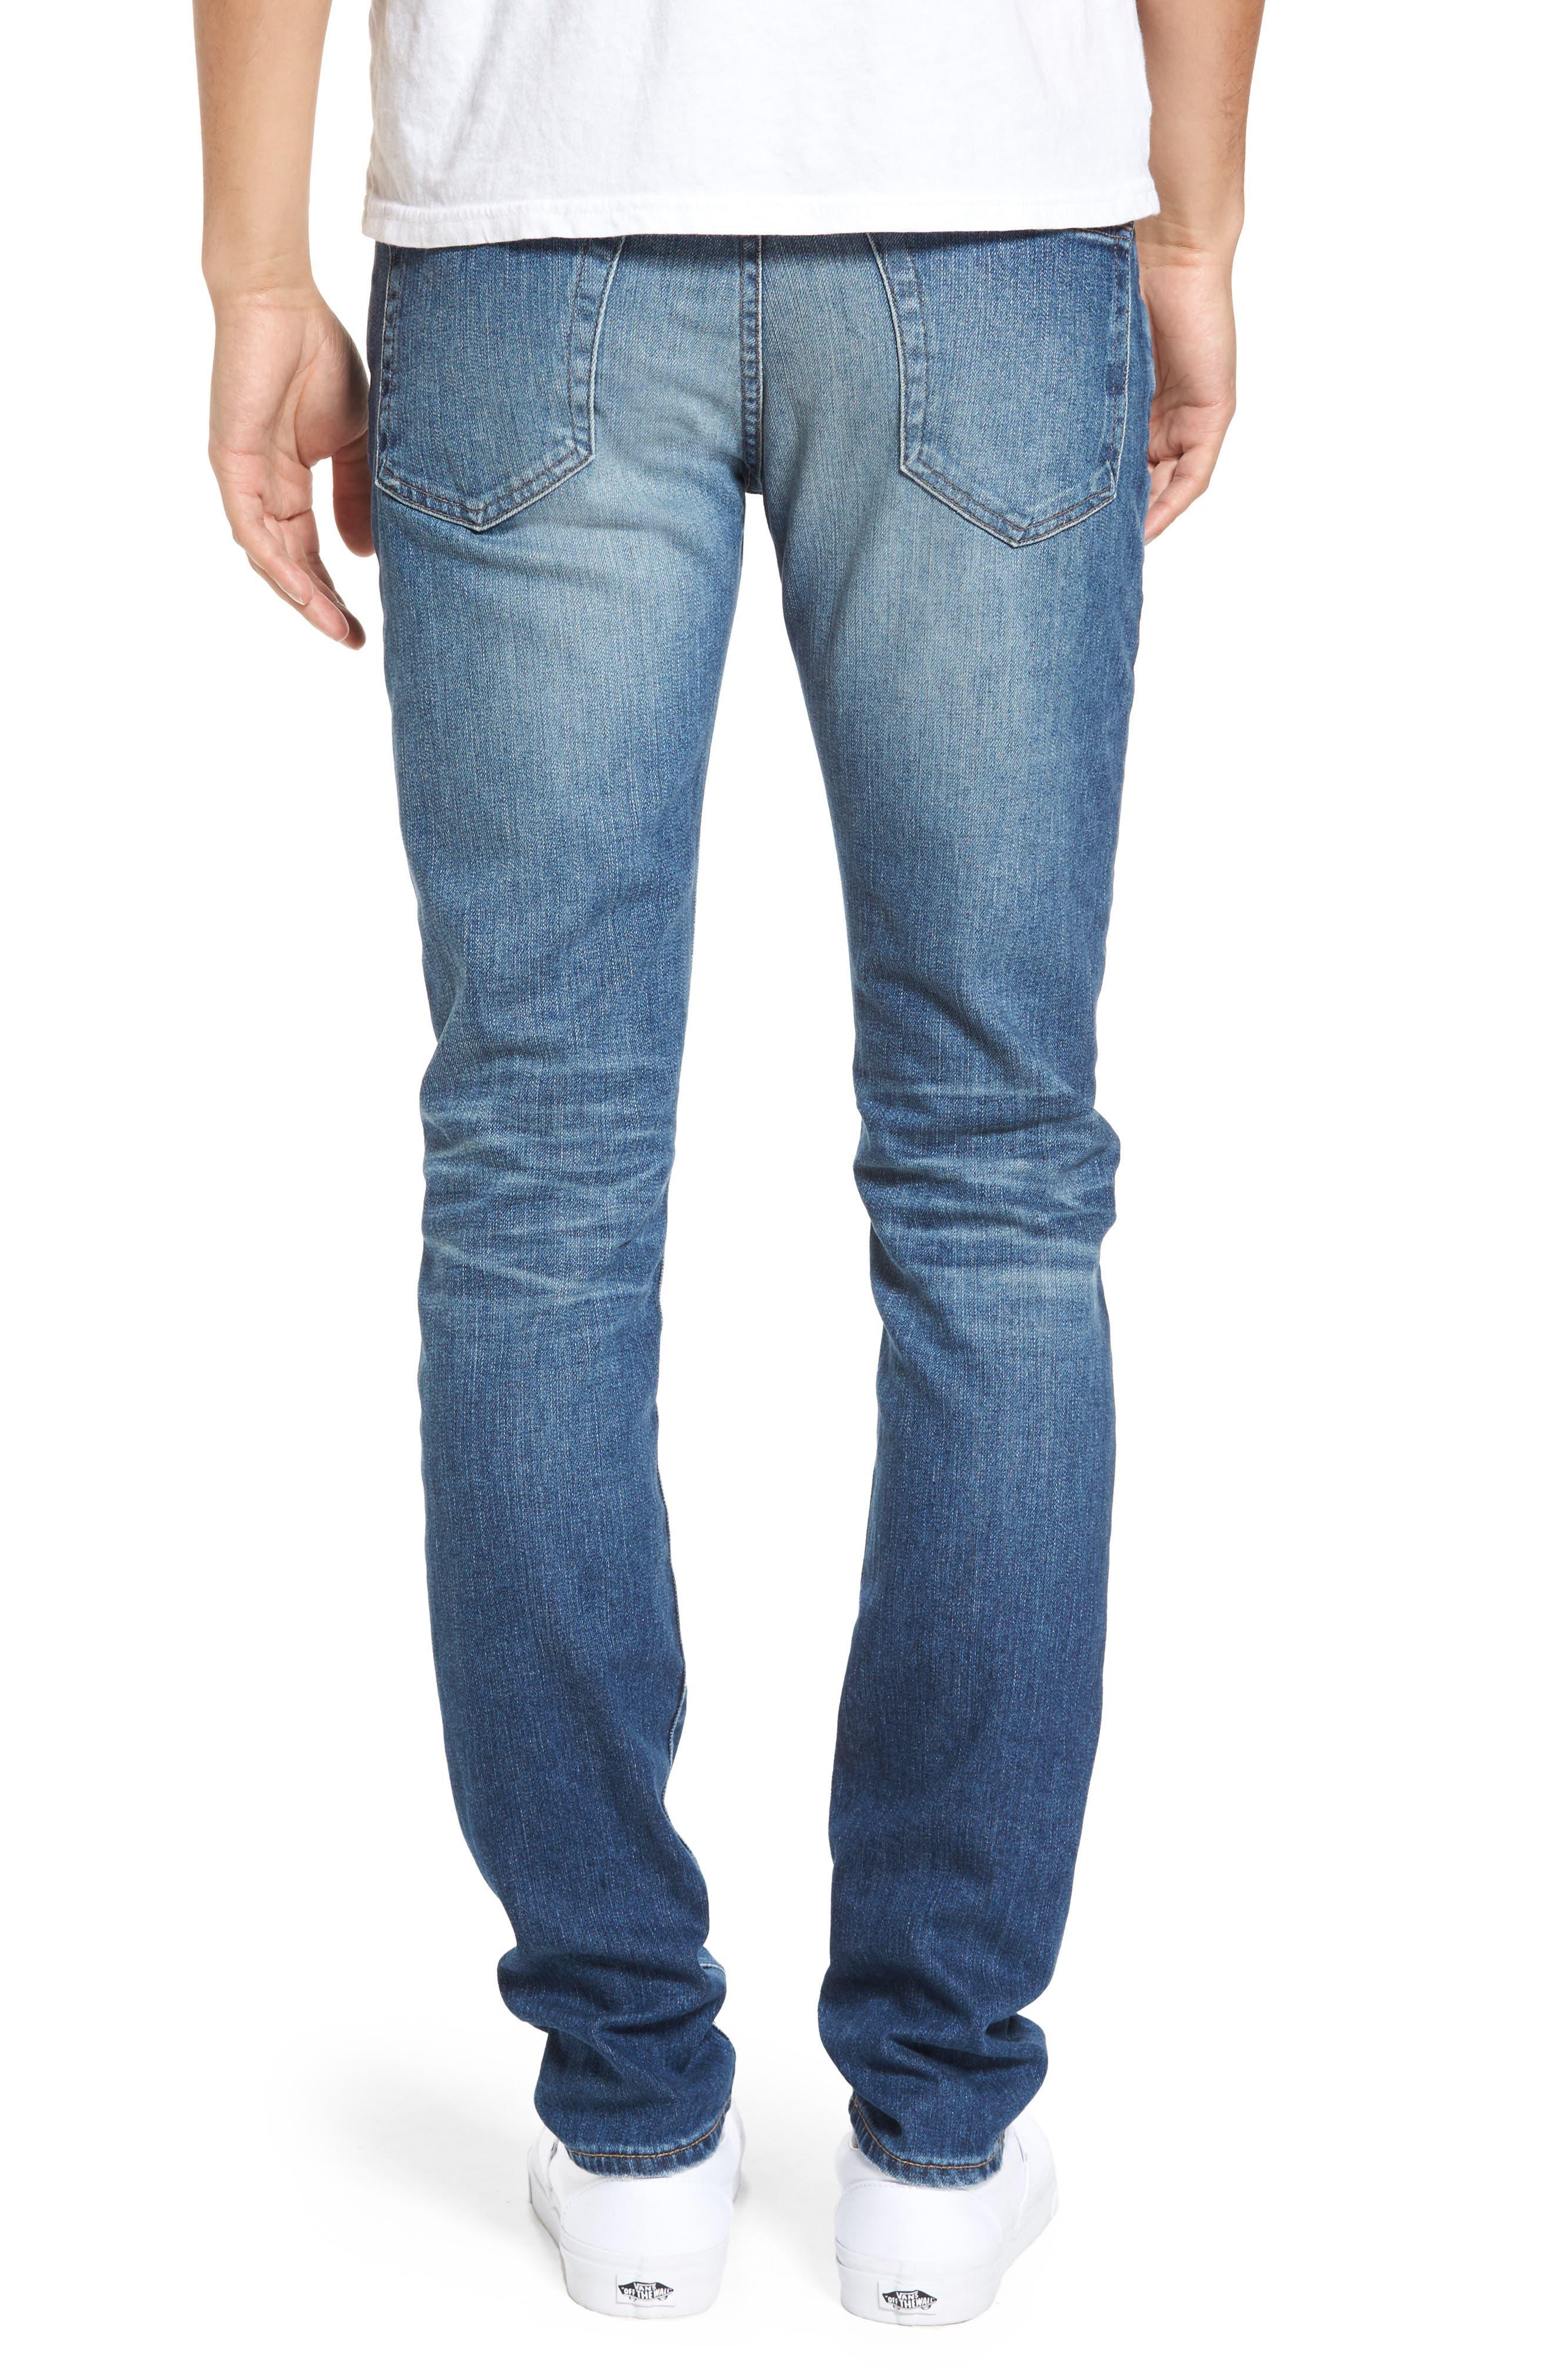 Jeans Stockton Skinny Fit Jeans,                             Alternate thumbnail 2, color,                             427